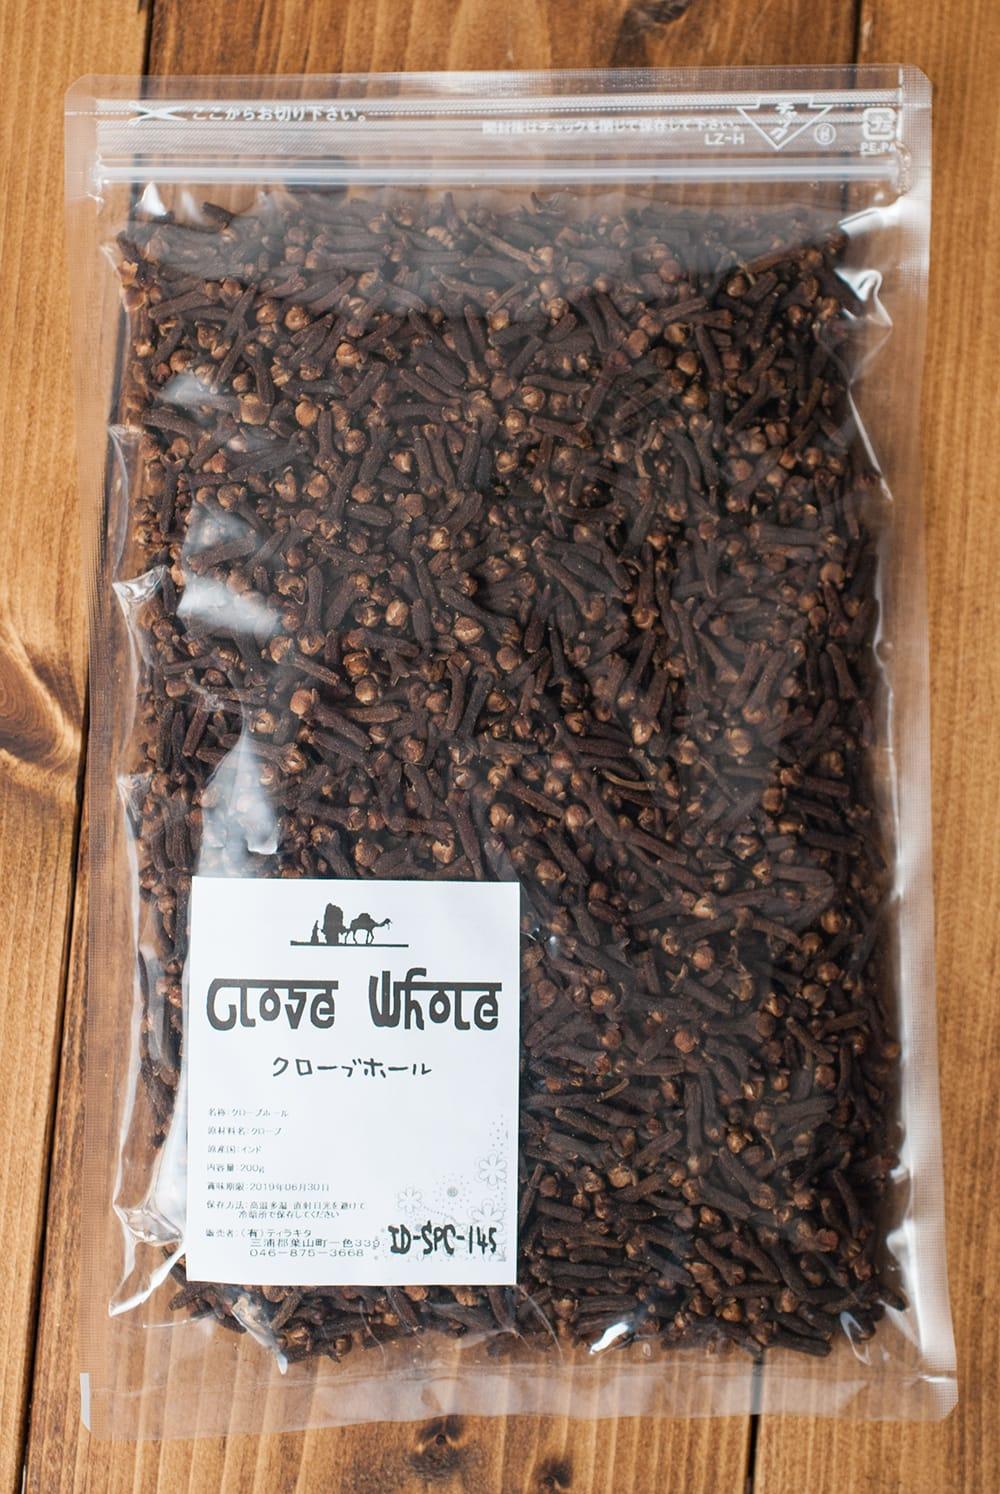 クローブ ホール - Clove Whole 【200g 袋入り】 3 - 使いやすいパッケージ入り!